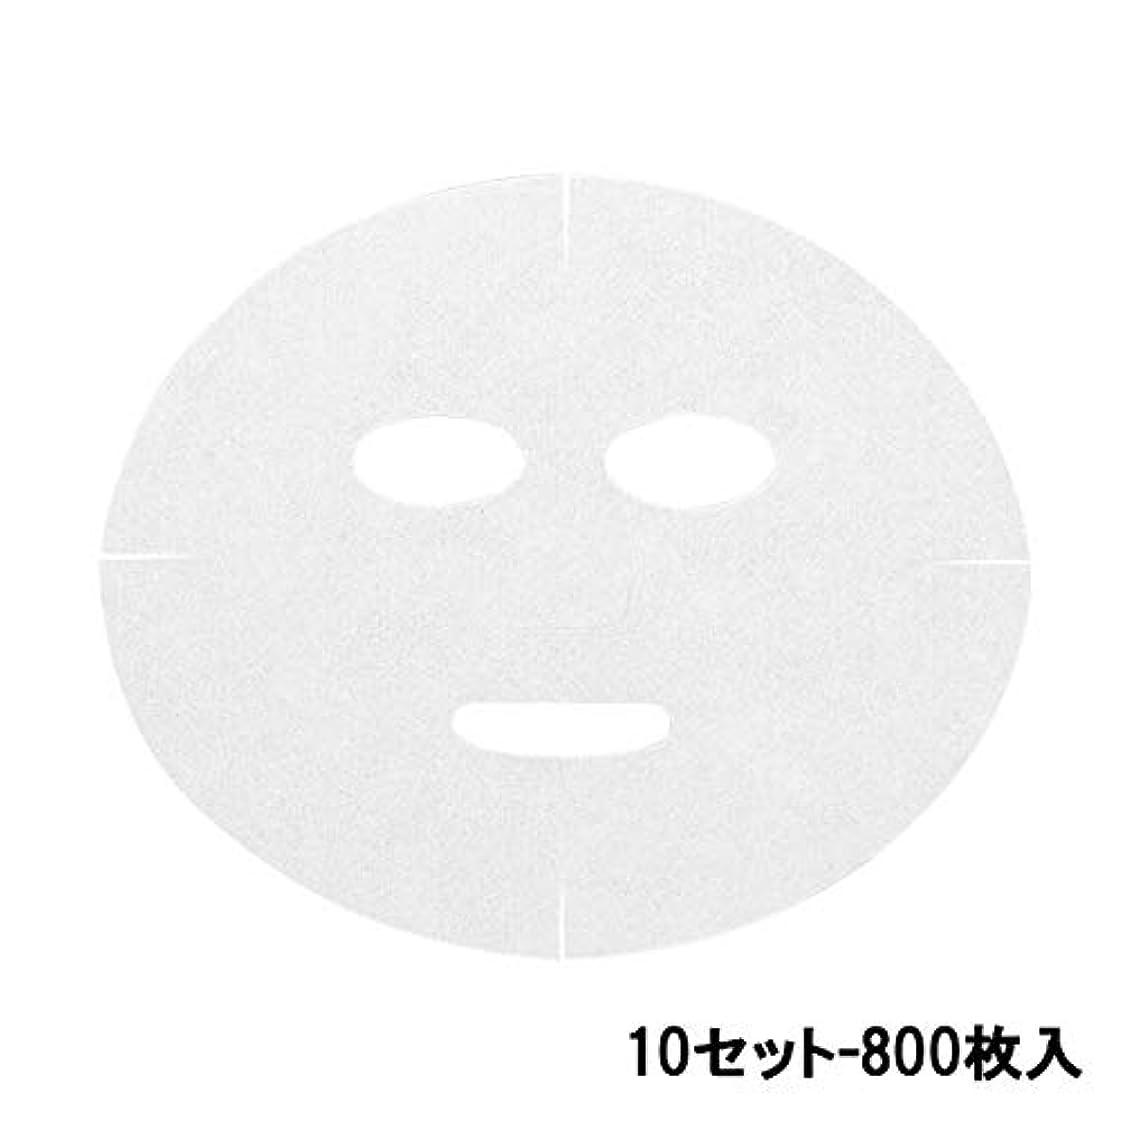 何故なの同様のどういたしまして高保水 フェイシャルシート (マスクタイプ 化粧水無) 80枚 24×20cm (10セット-800枚入) [ フェイスマスク フェイスシート フェイスパック フェイシャルマスク シートマスク フェイシャルシート フェイシャルパック...